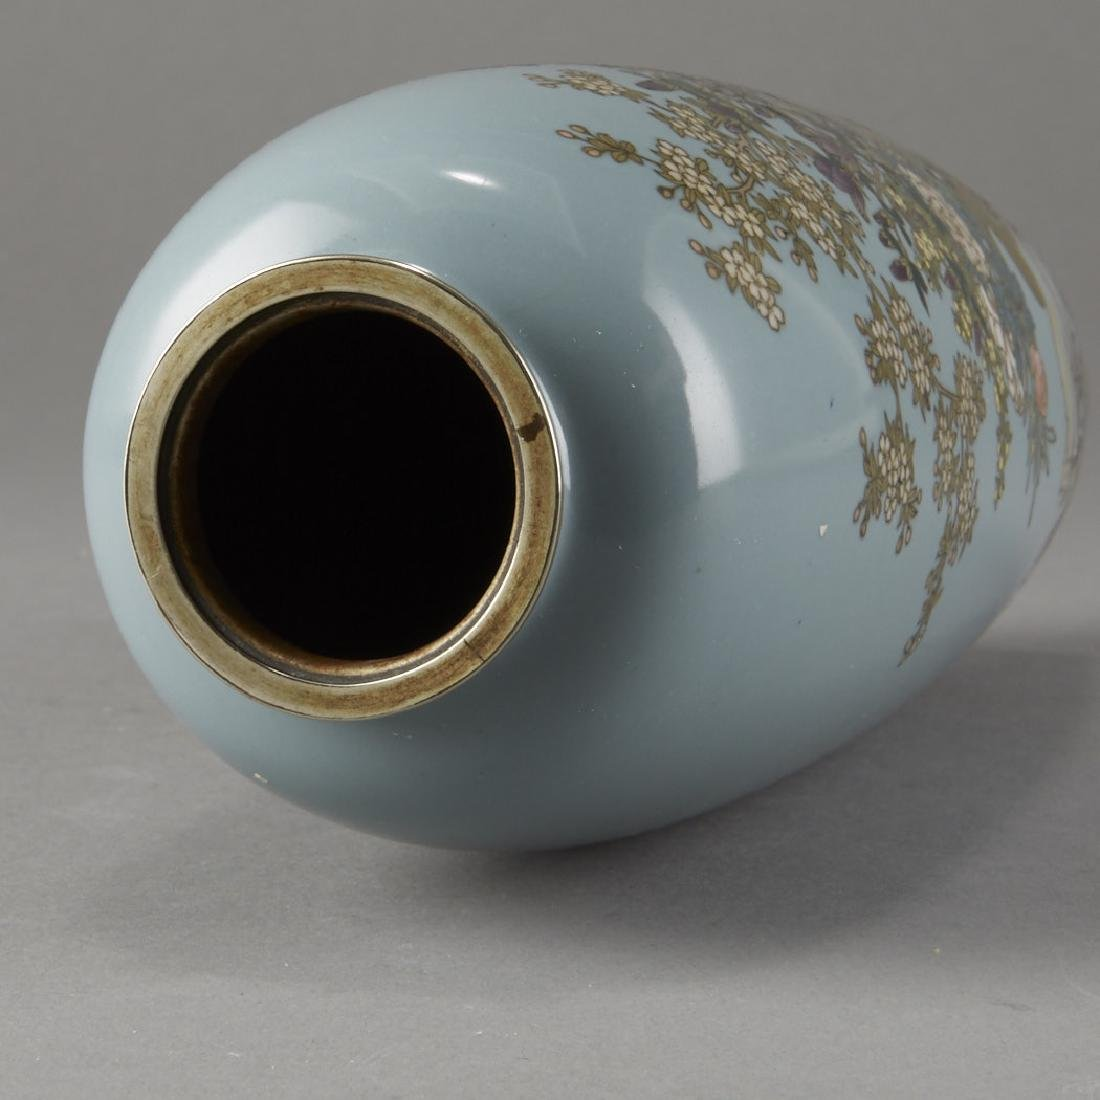 Japanese Cloisonne Vase after of Hayashi Kodenji - 6